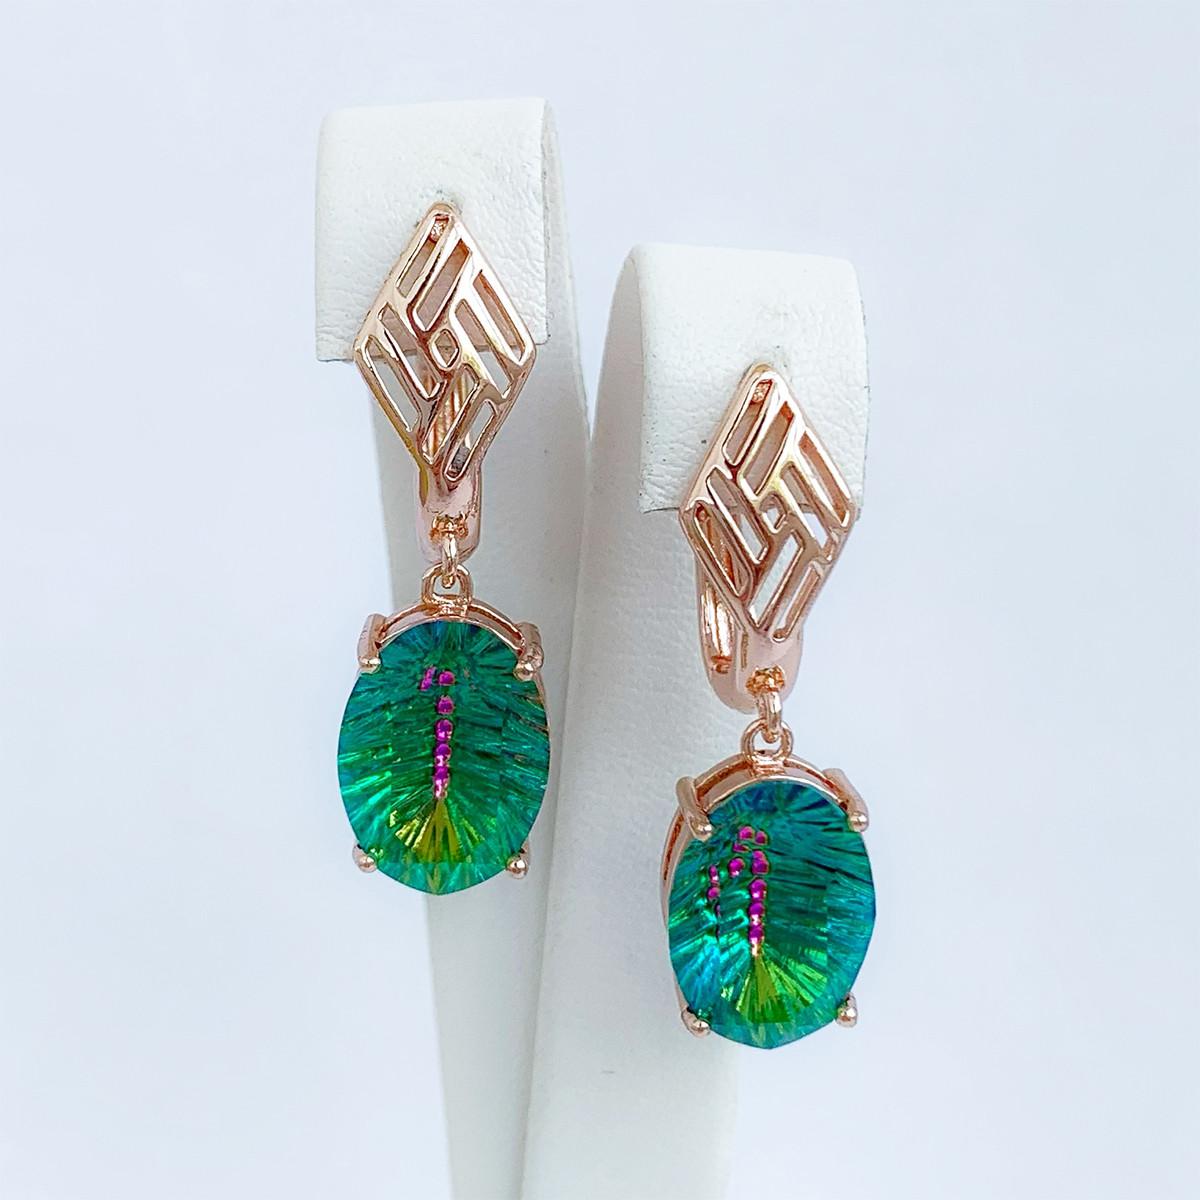 Серьги SONATA из медицинского золота, кристаллы Swarovski зеленого цвета, позолота PO, 25698